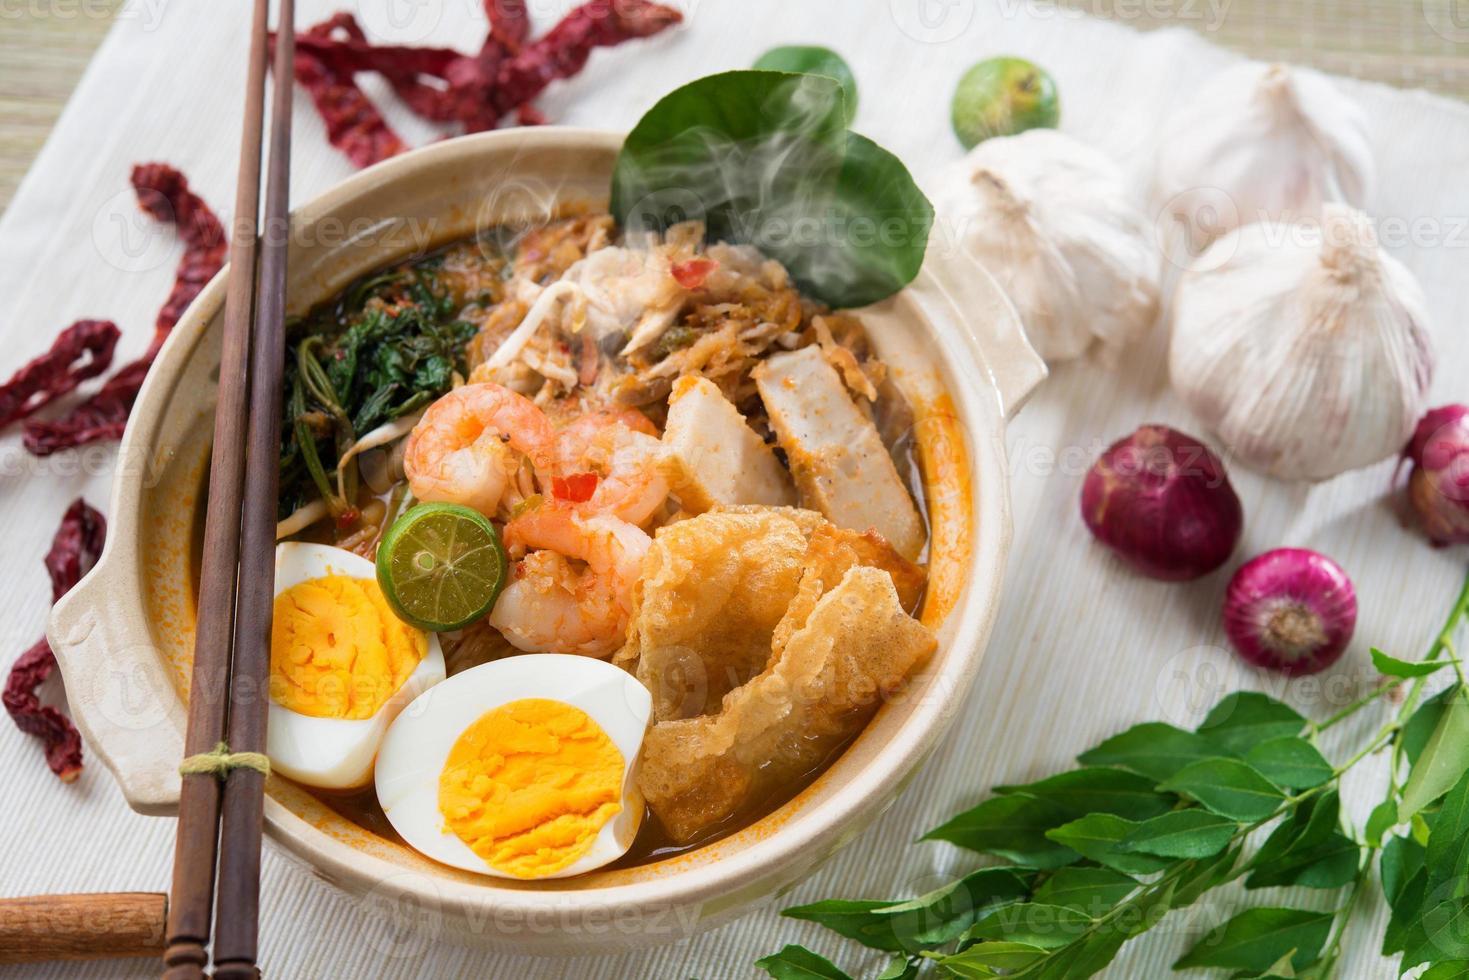 comida malaya gambas mee foto